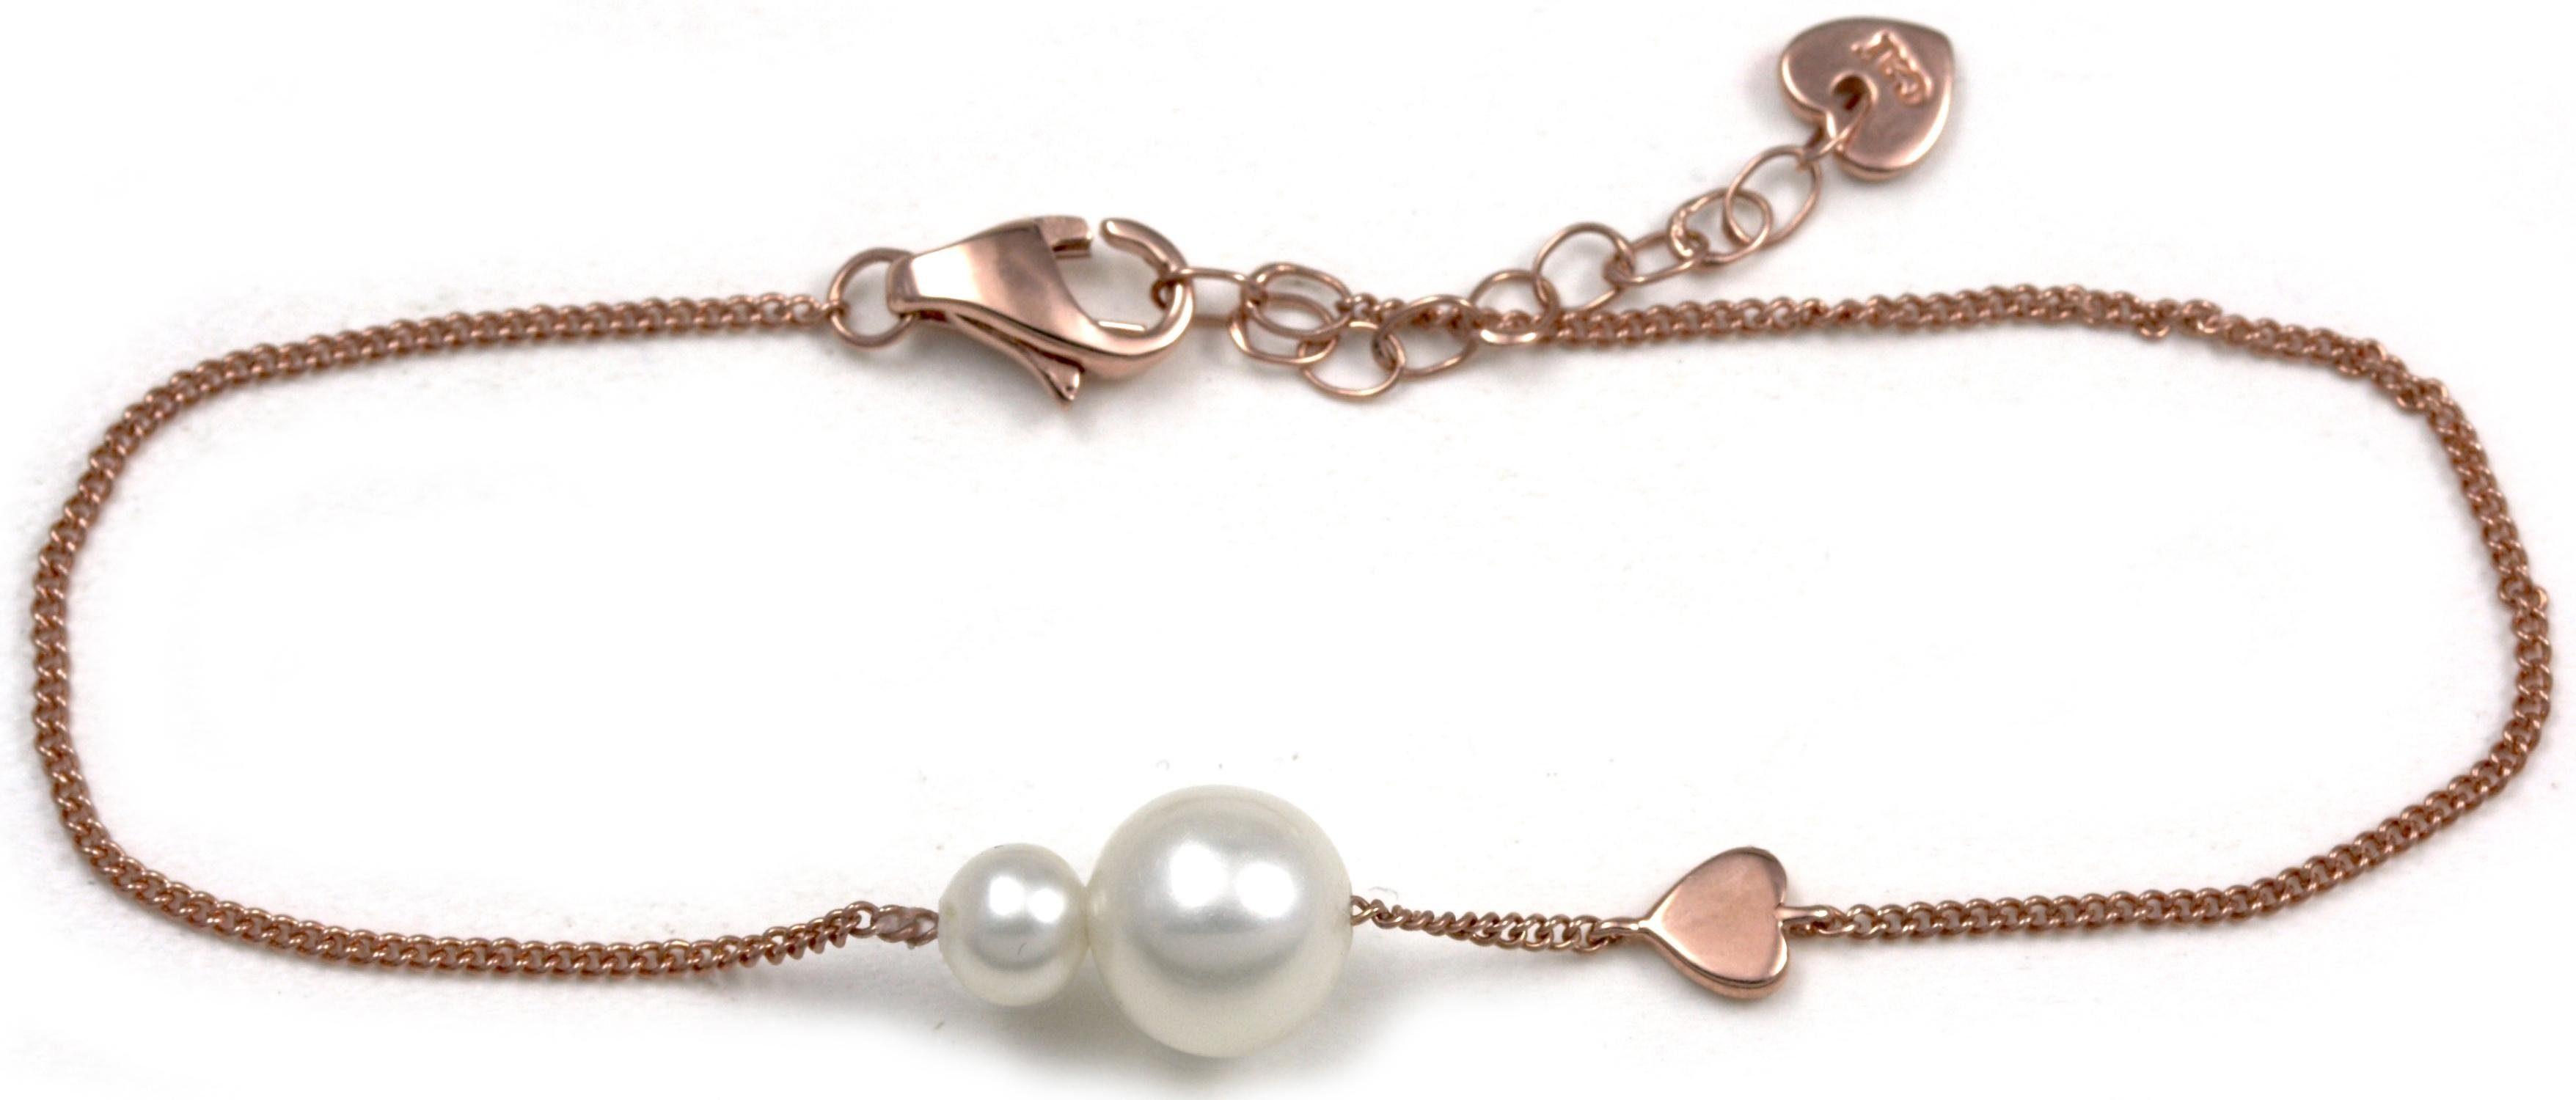 CAÏ Armband »Pearl Love, C7164B/90/46/16+3«, mit Süßwasserzuchtperle